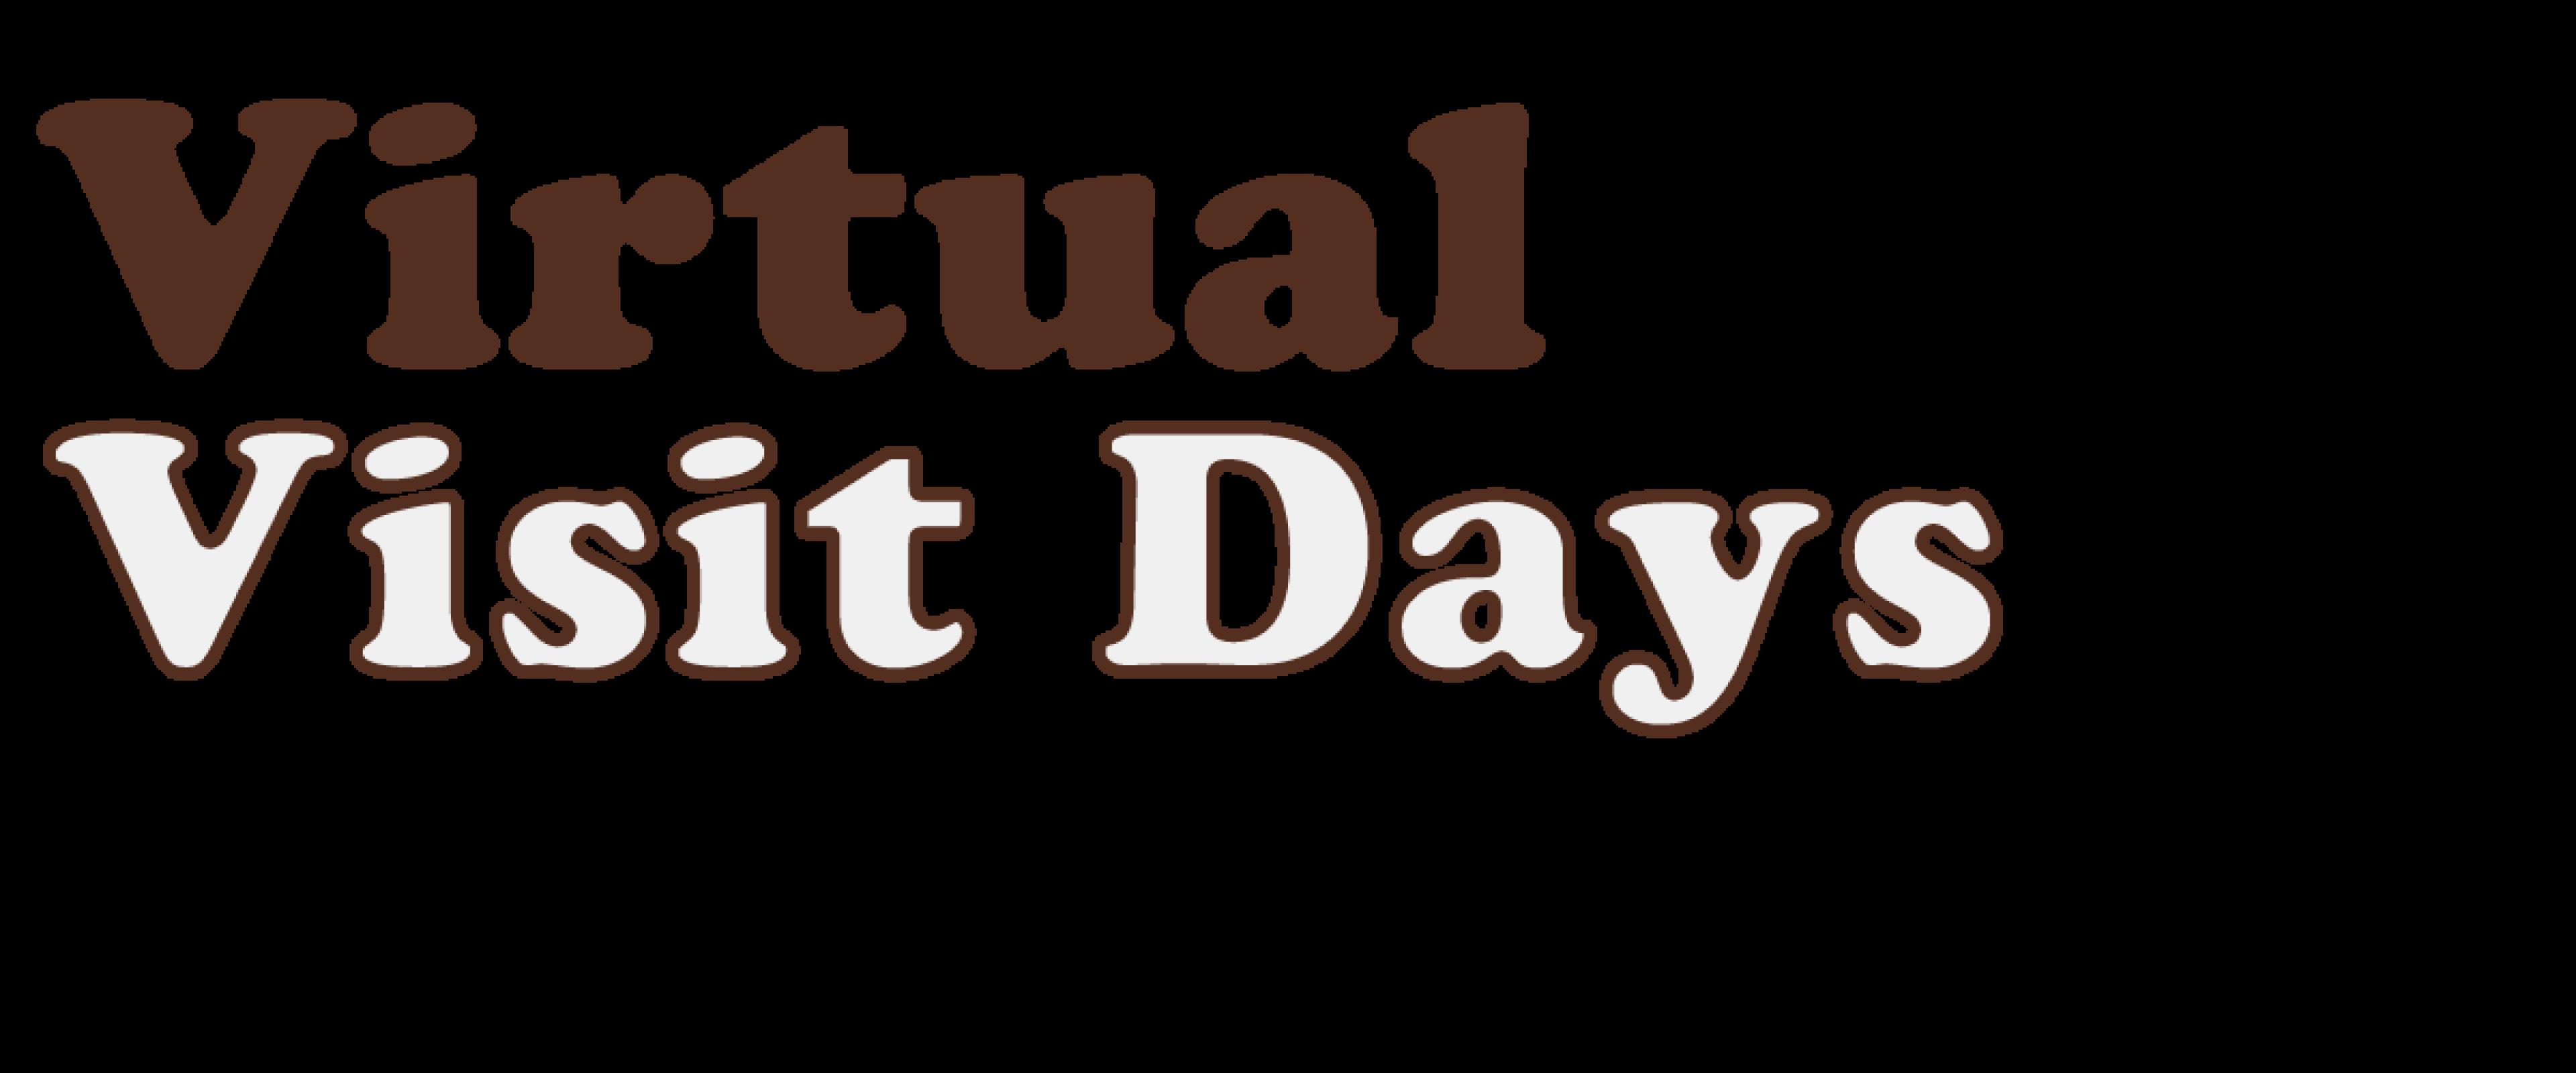 virtual visit days